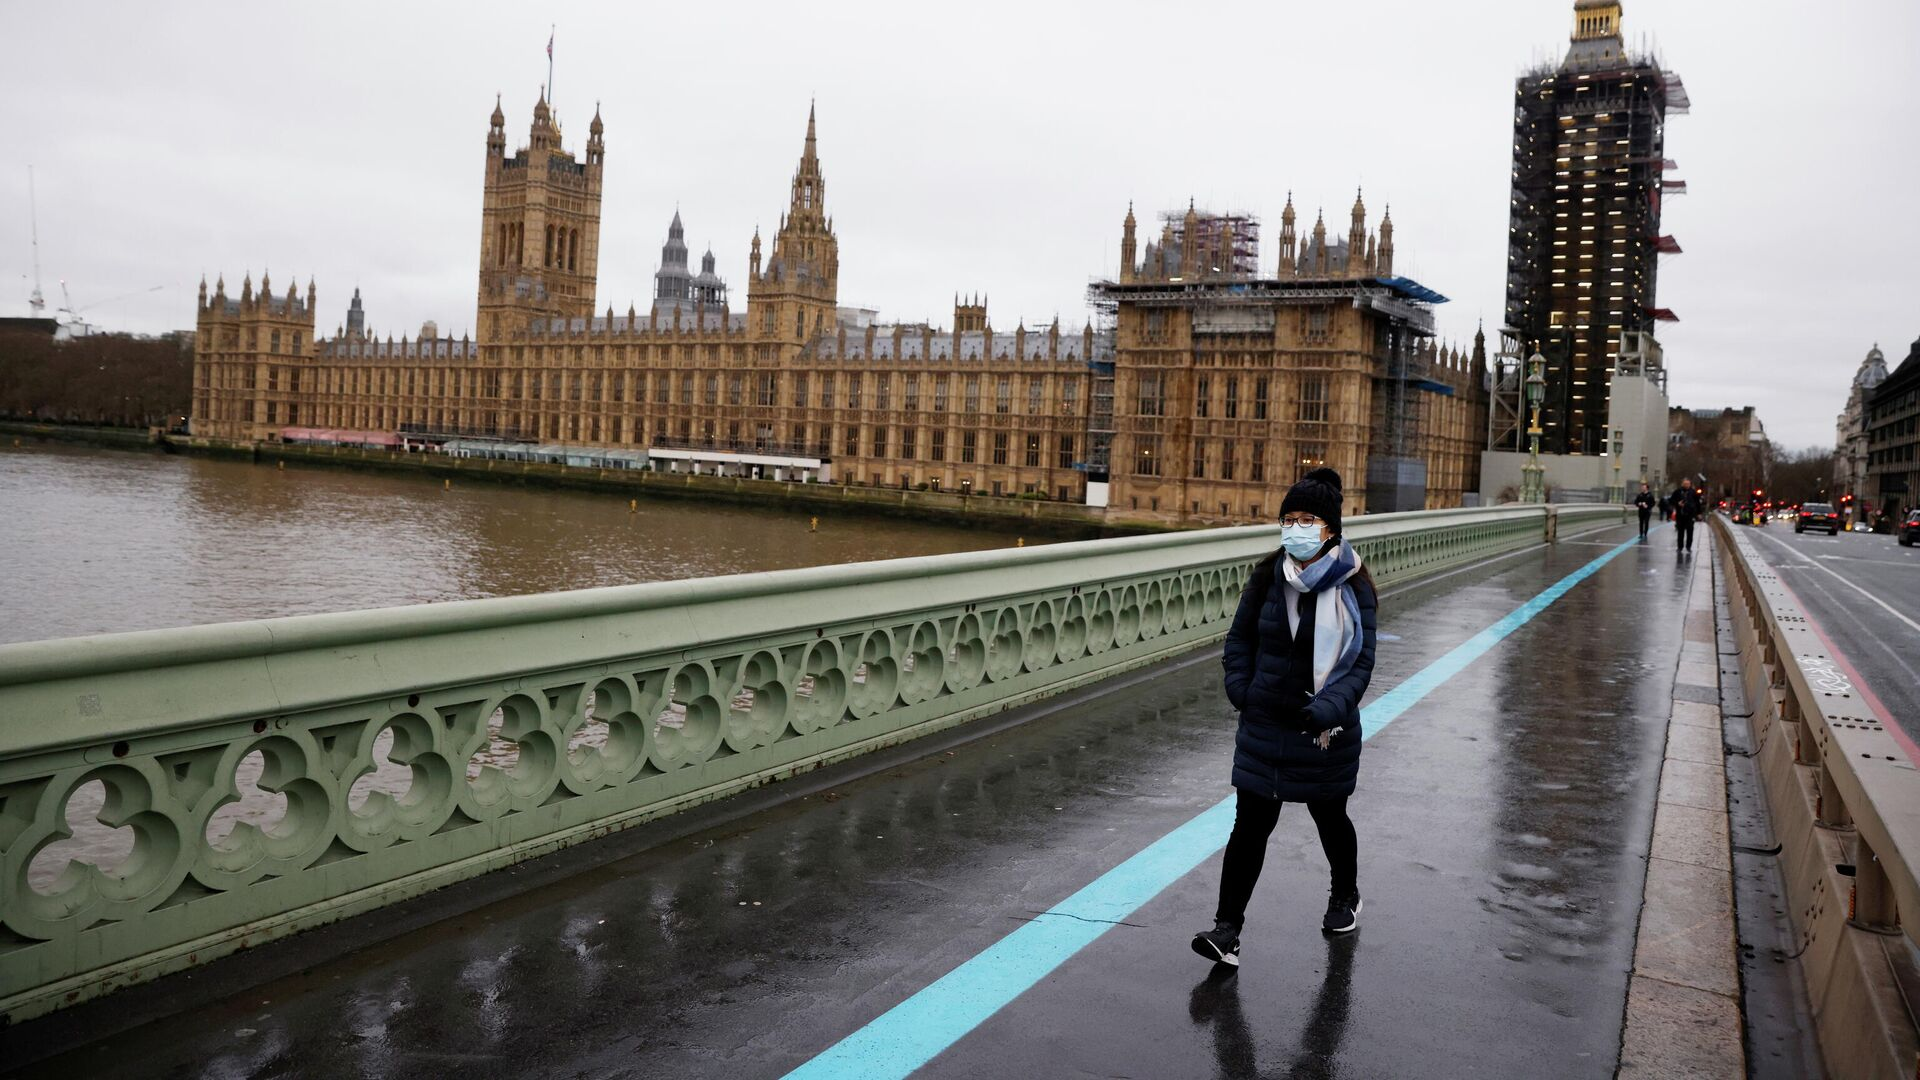 Девушка в защитной маске на Вестминстерском мосту в Лондоне - РИА Новости, 1920, 23.12.2020